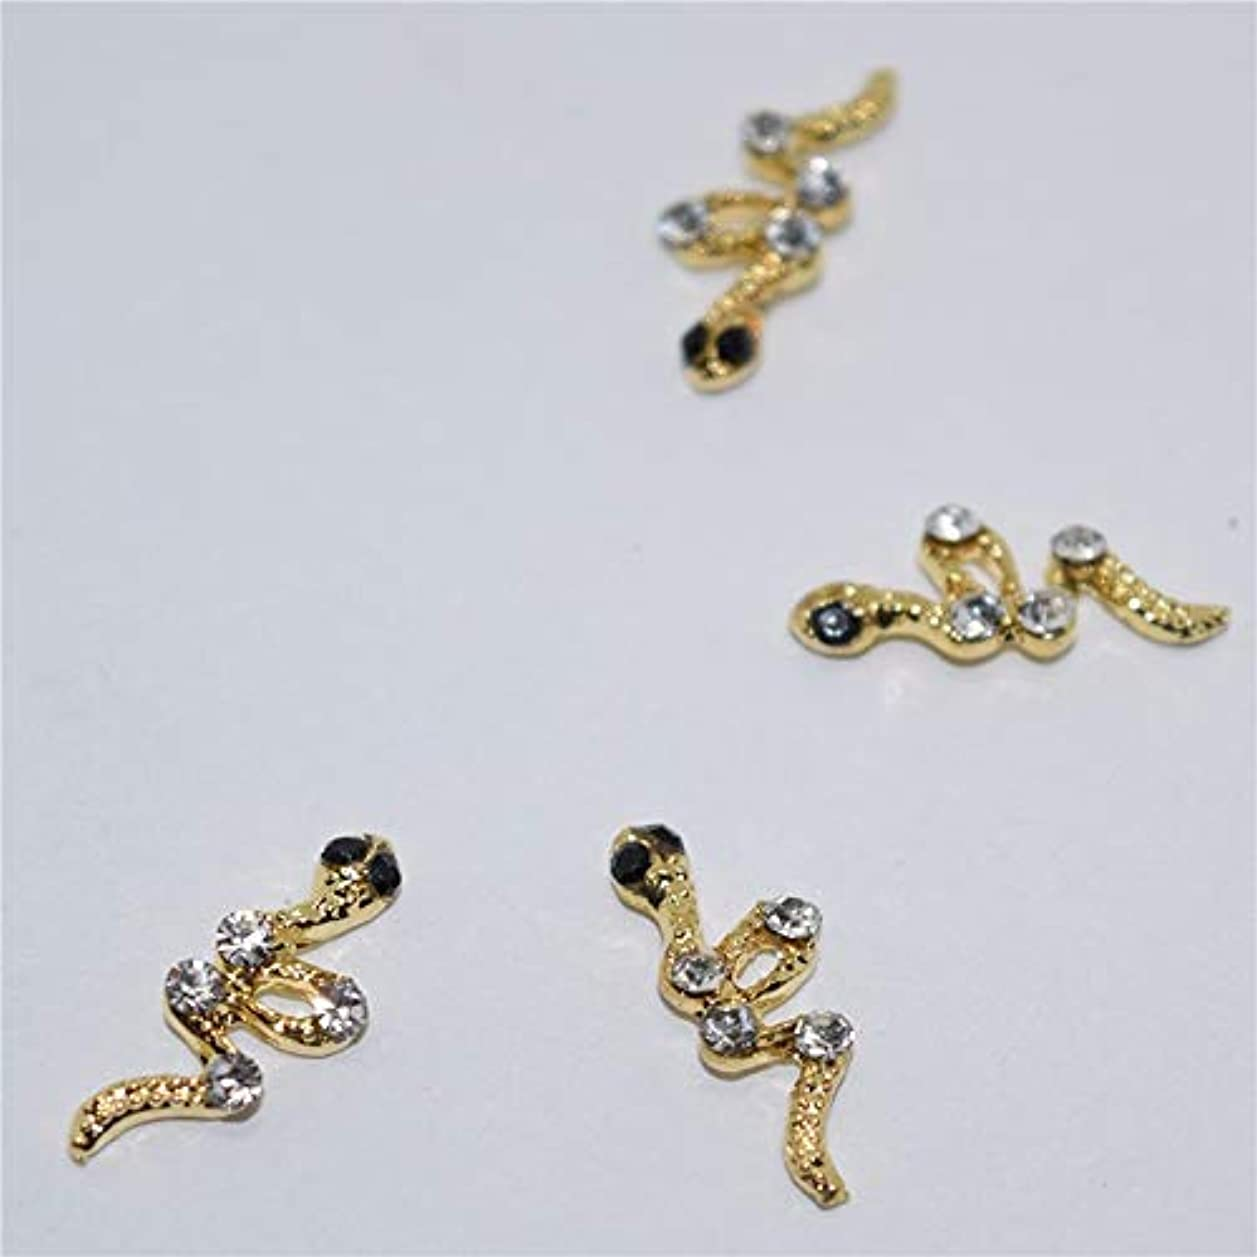 罰する予備フェローシップ10個入りゴールデンスネーク動物の3Dネイルアートの装飾合金ネイルチャームネイルズラインストーンネイル用品